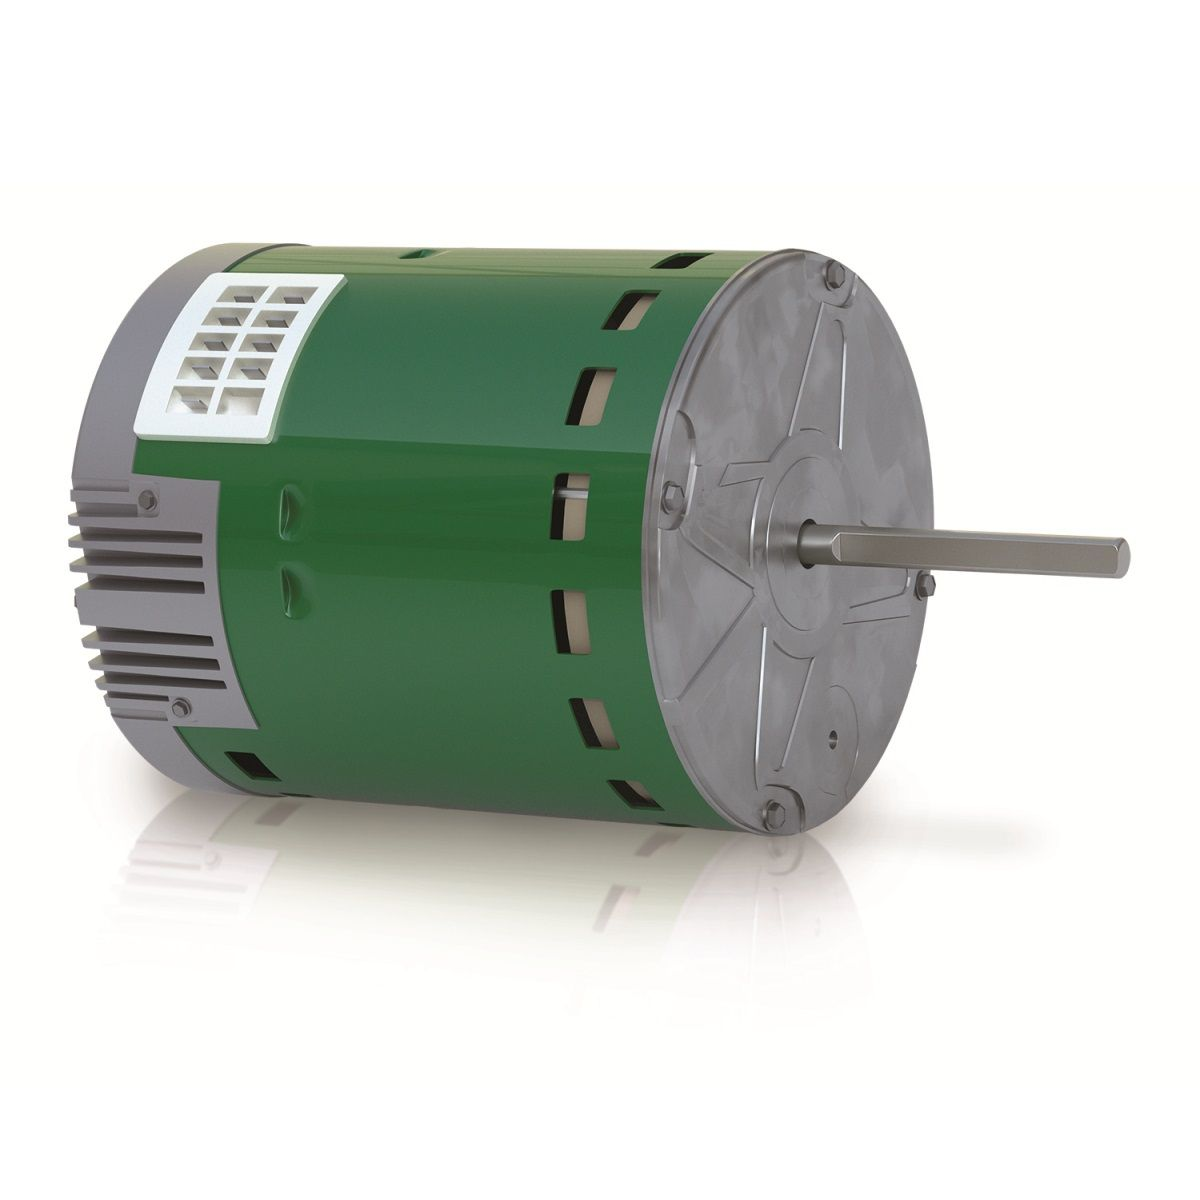 Century - 6203E Genteq Evergreen EM ECM Direct Drive Blower Motor 1/3 HP 208